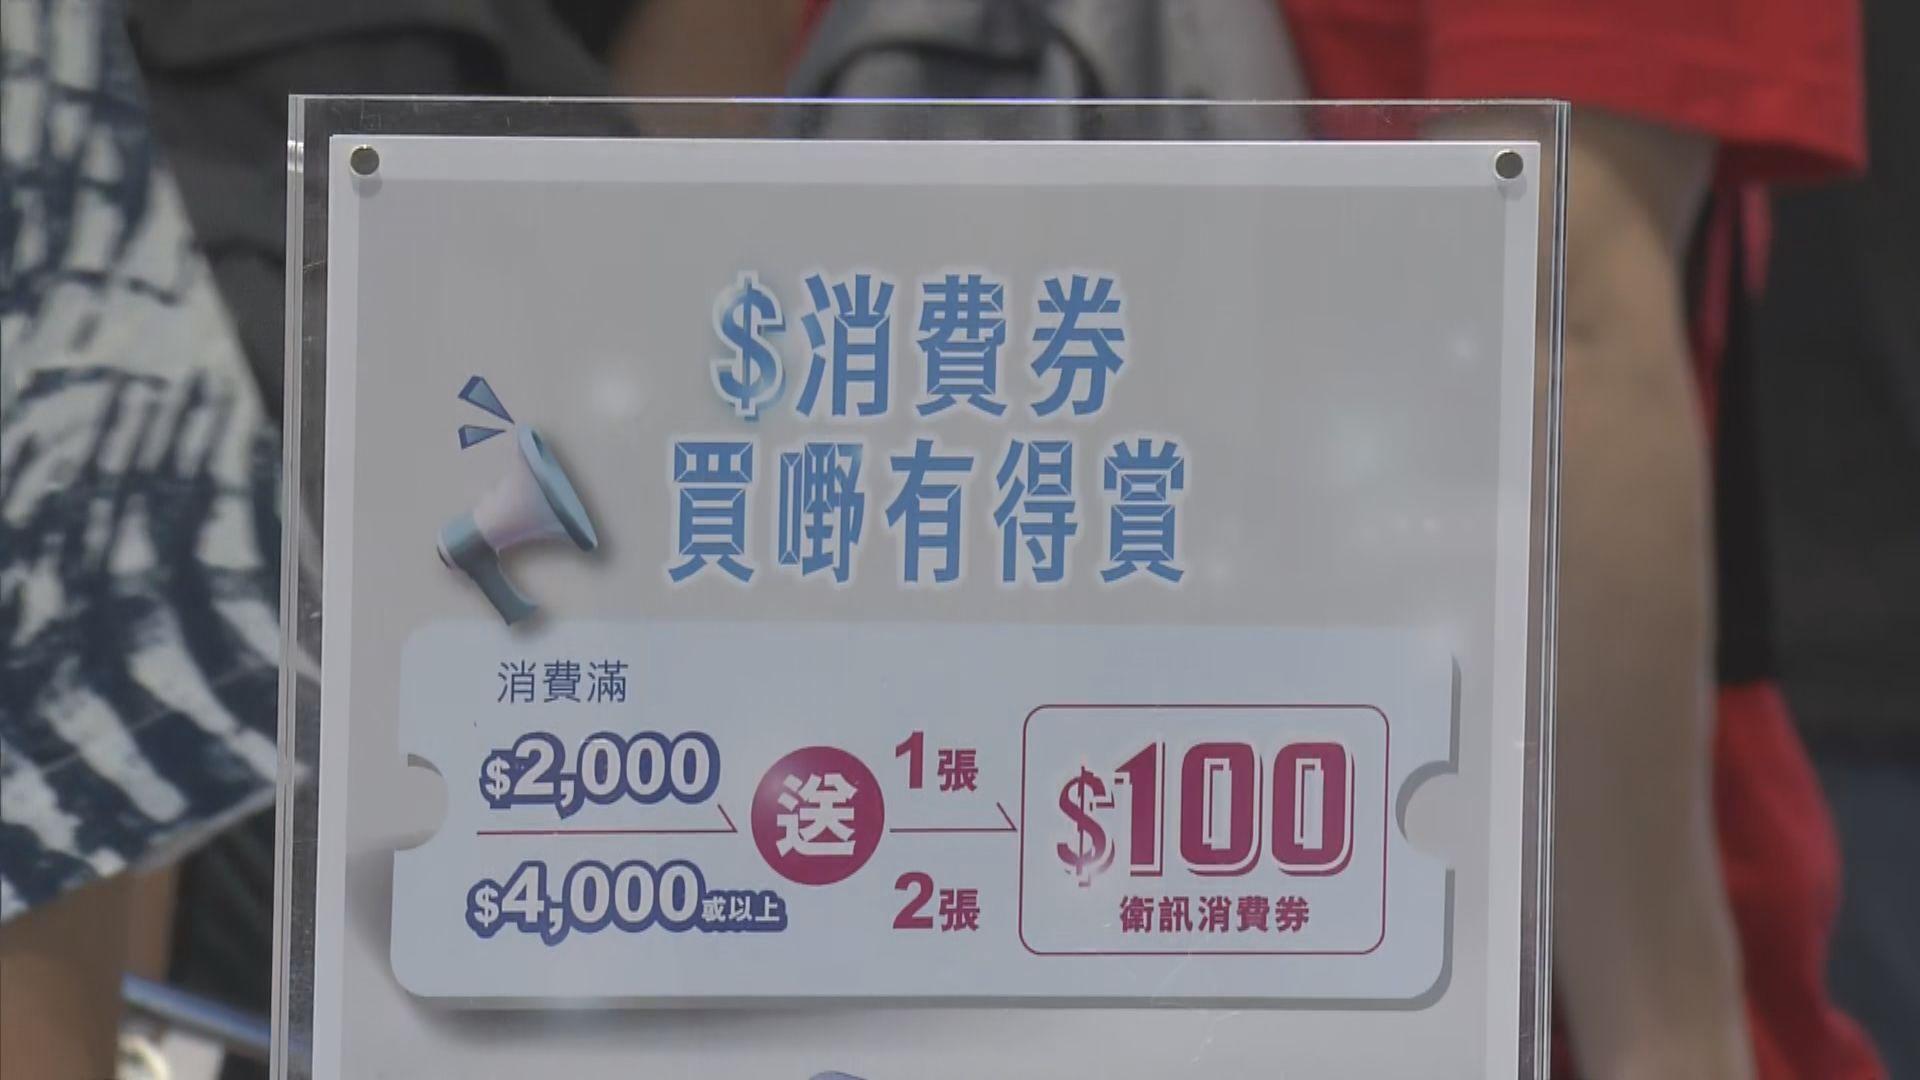 商場商戶推優惠吸引顧客使用消費券